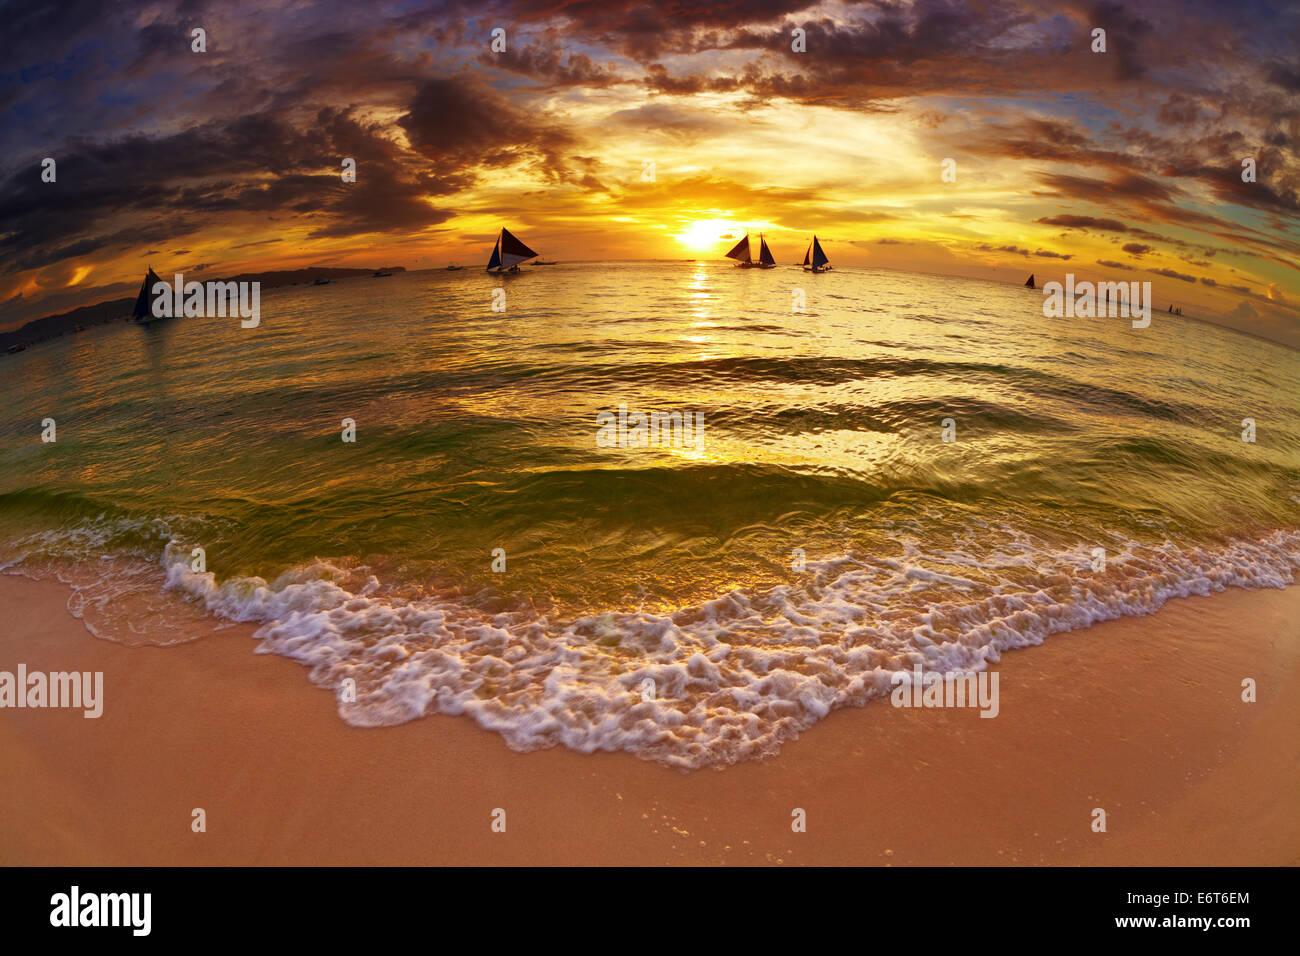 Plage au coucher du soleil tropical, l'île de Boracay, Philippines, fisheye shot Photo Stock